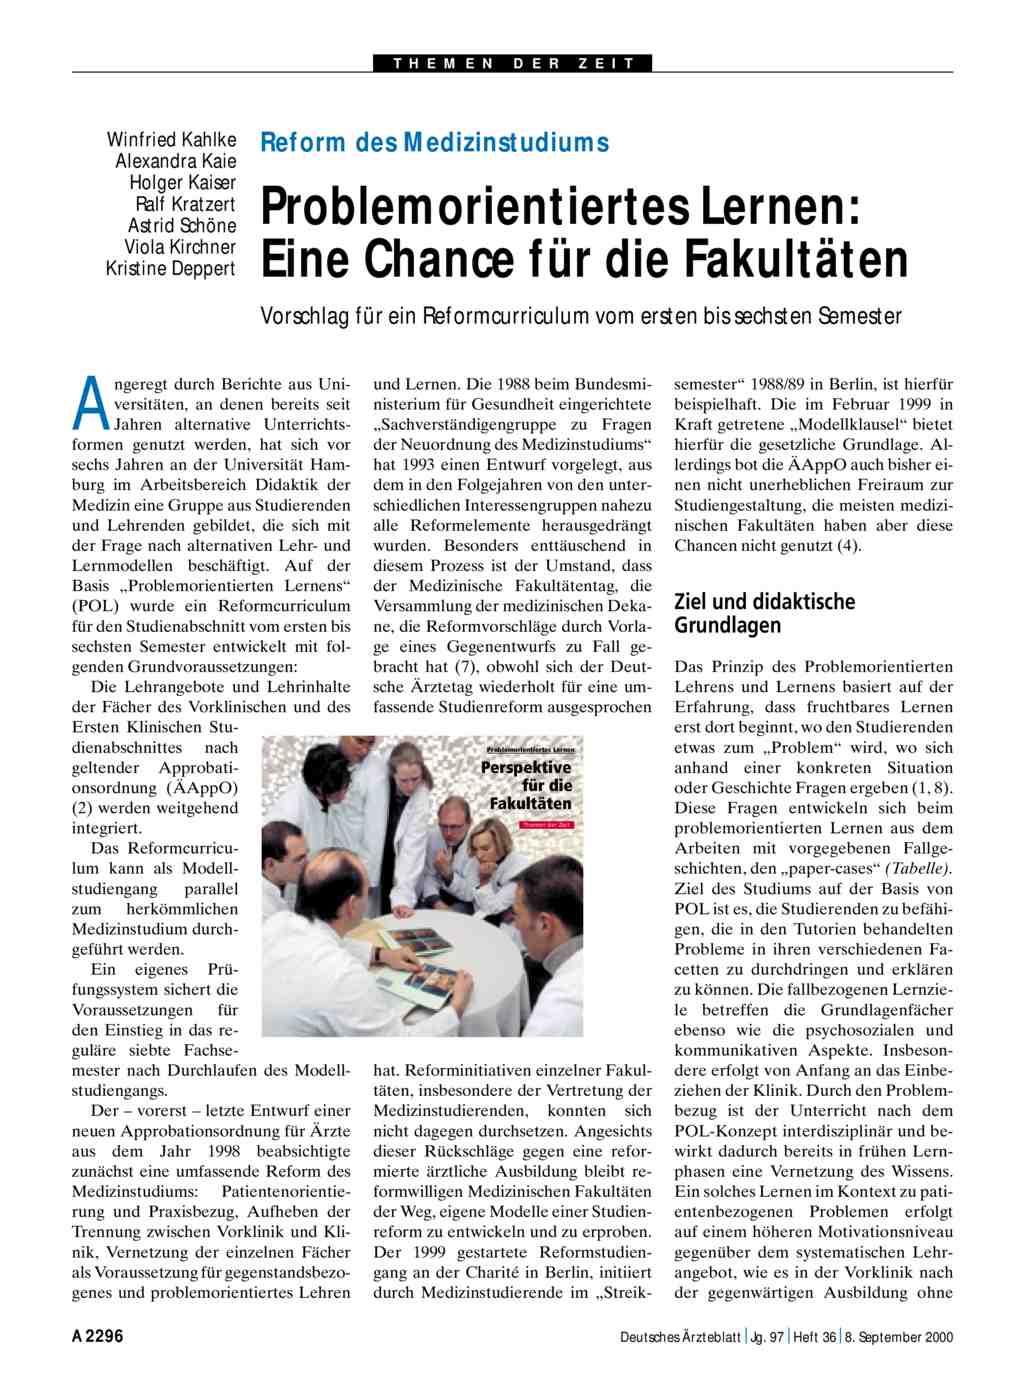 Reform des Medizinstudiums: Problemorientiertes Lernen - Eine Chance ...